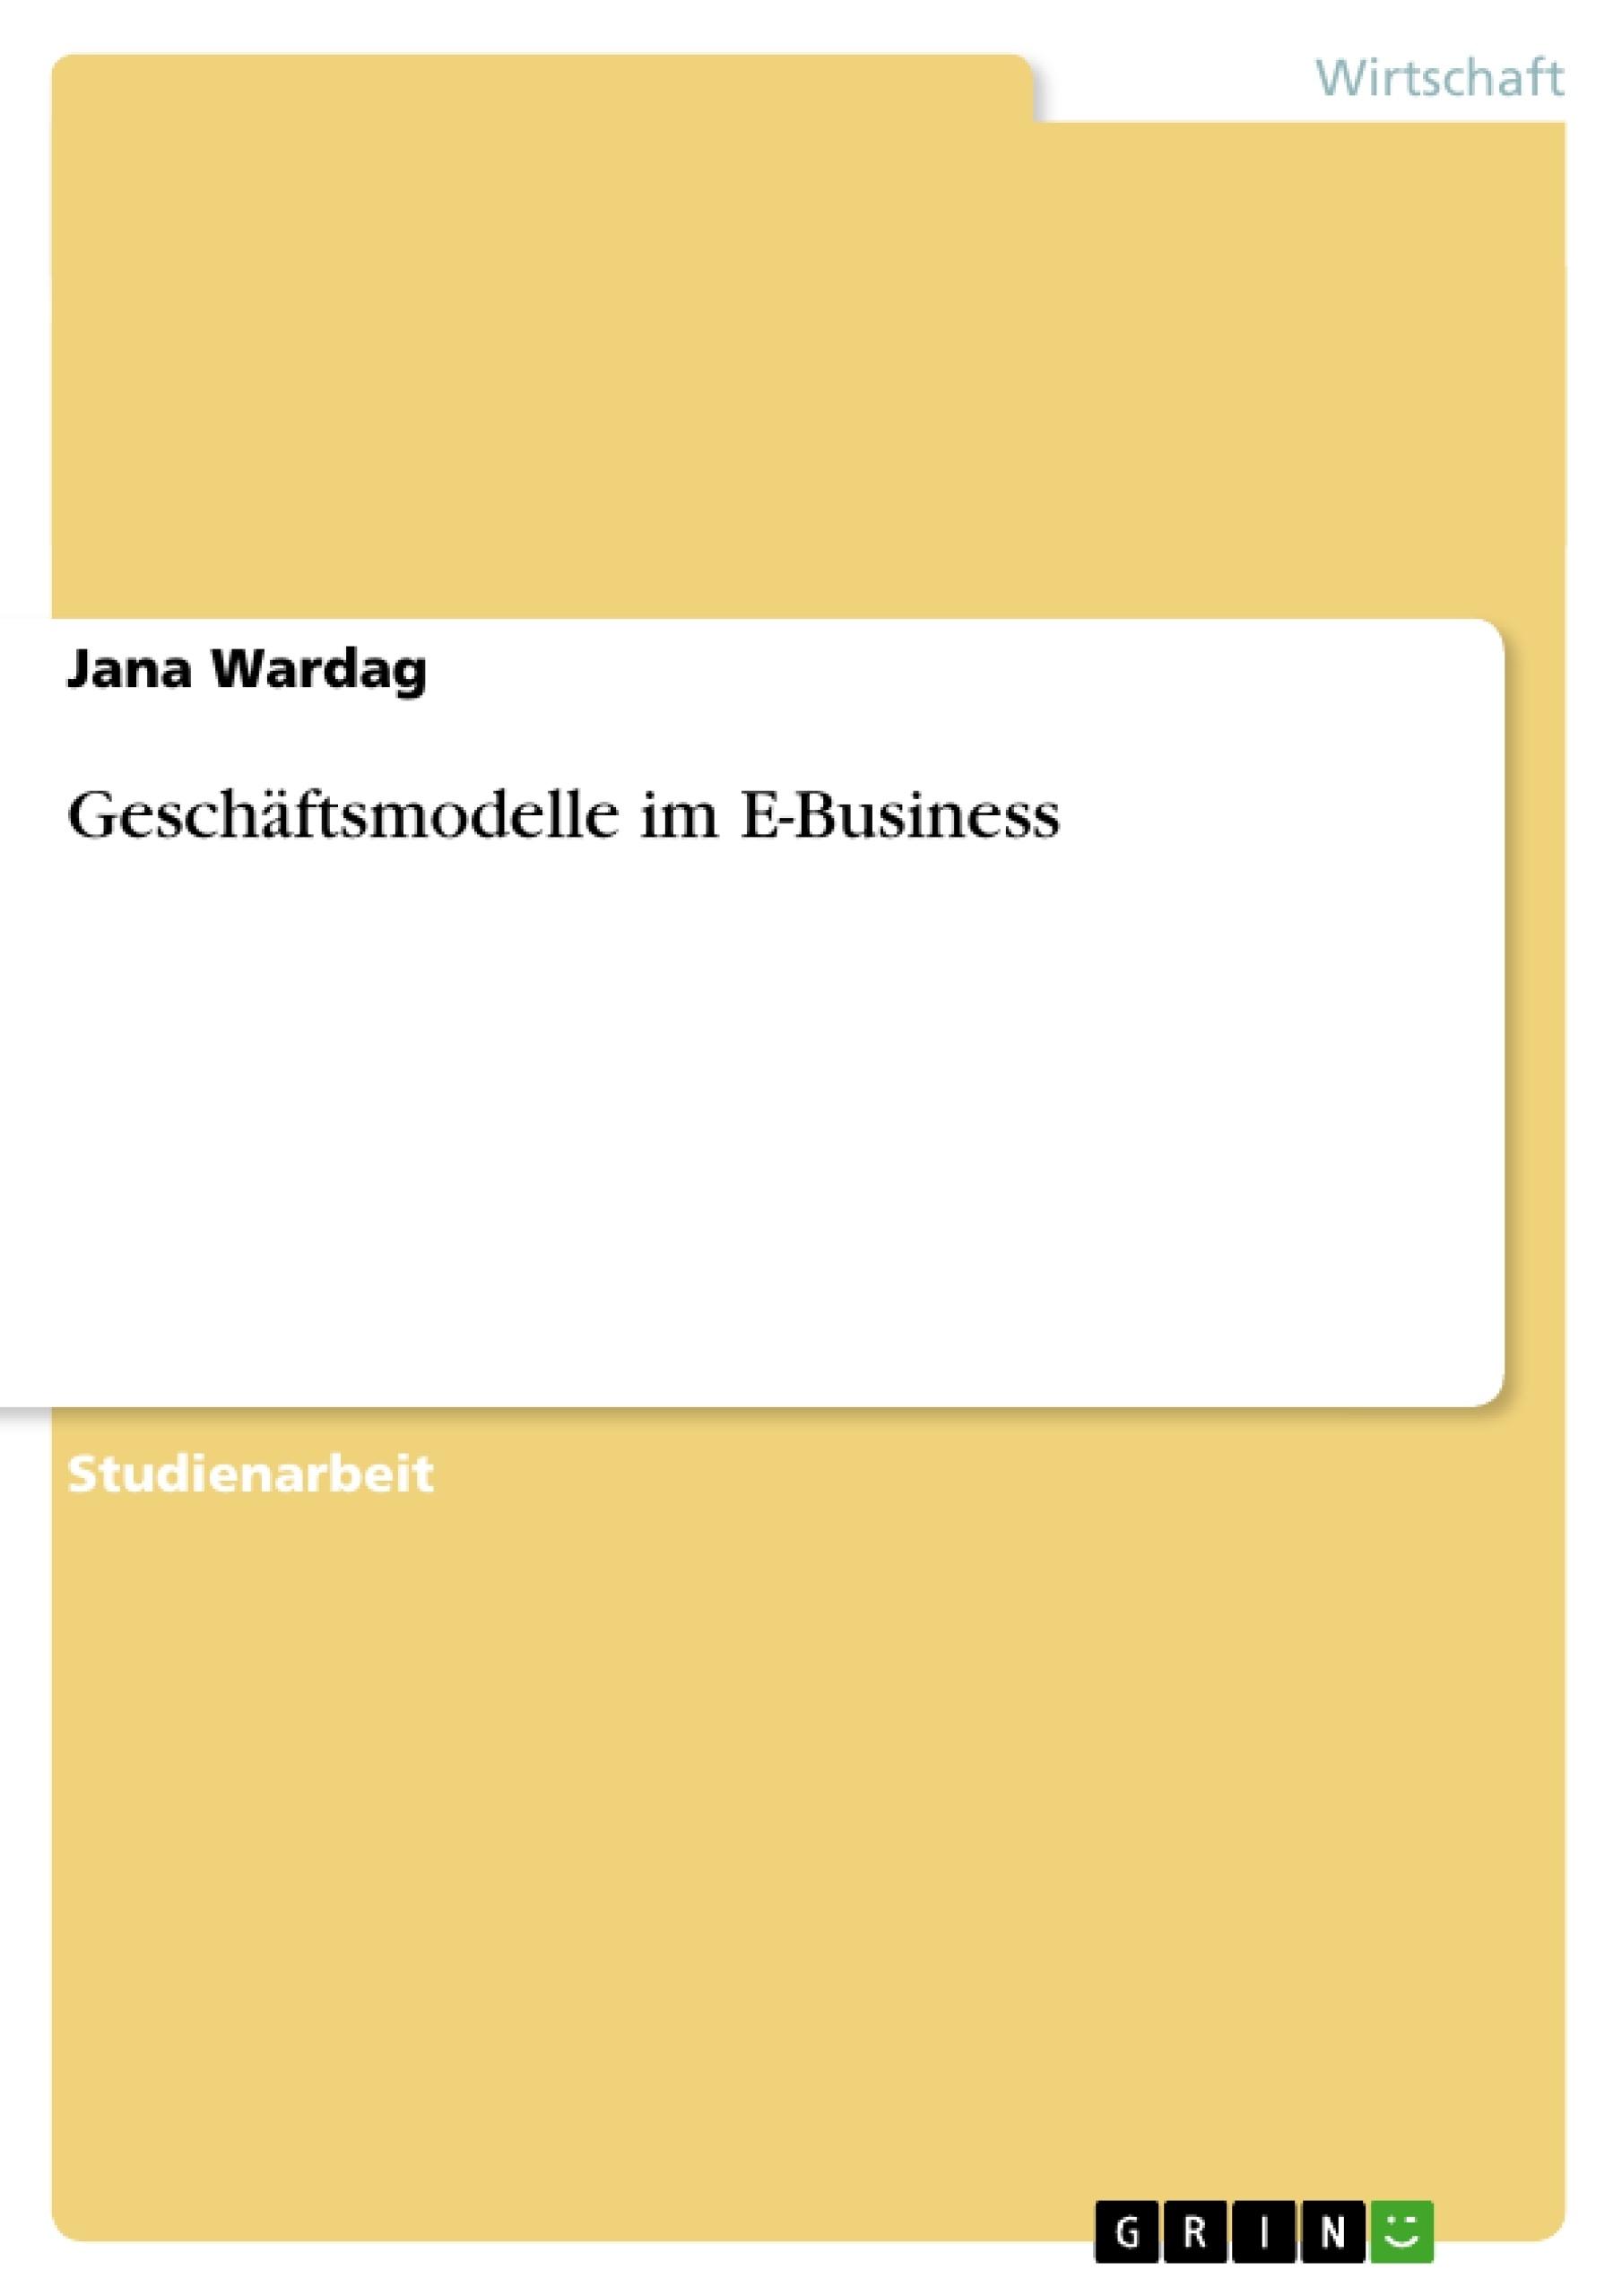 Titel: Geschäftsmodelle im E-Business